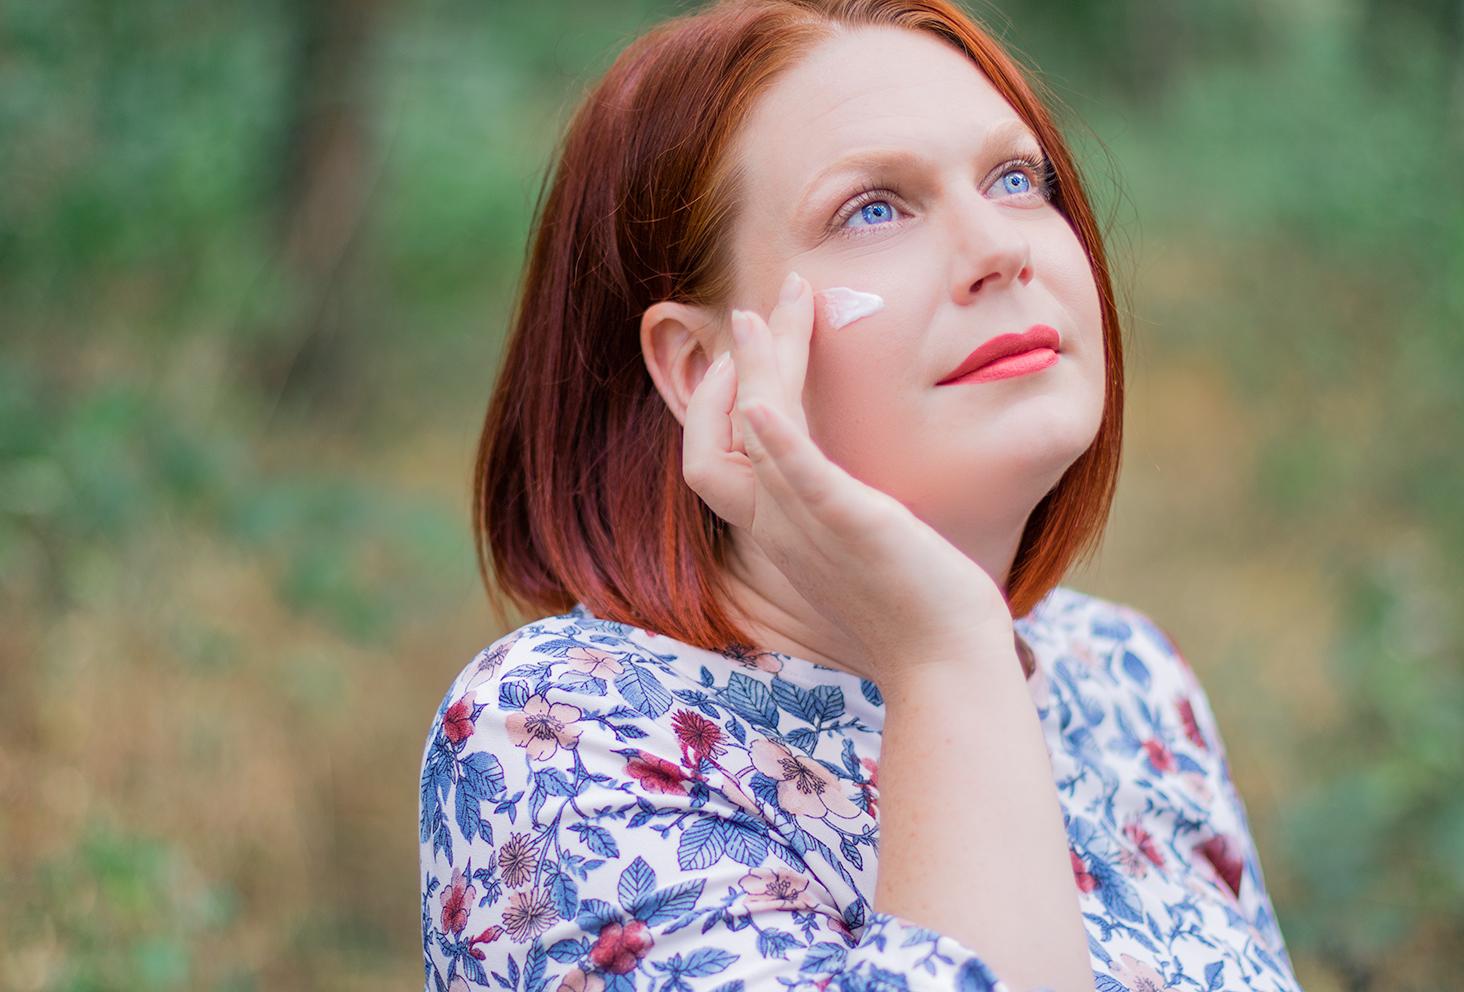 Application à l'aide des doigts d'une crème sur le visage pour la routine visage idéale pour l'été